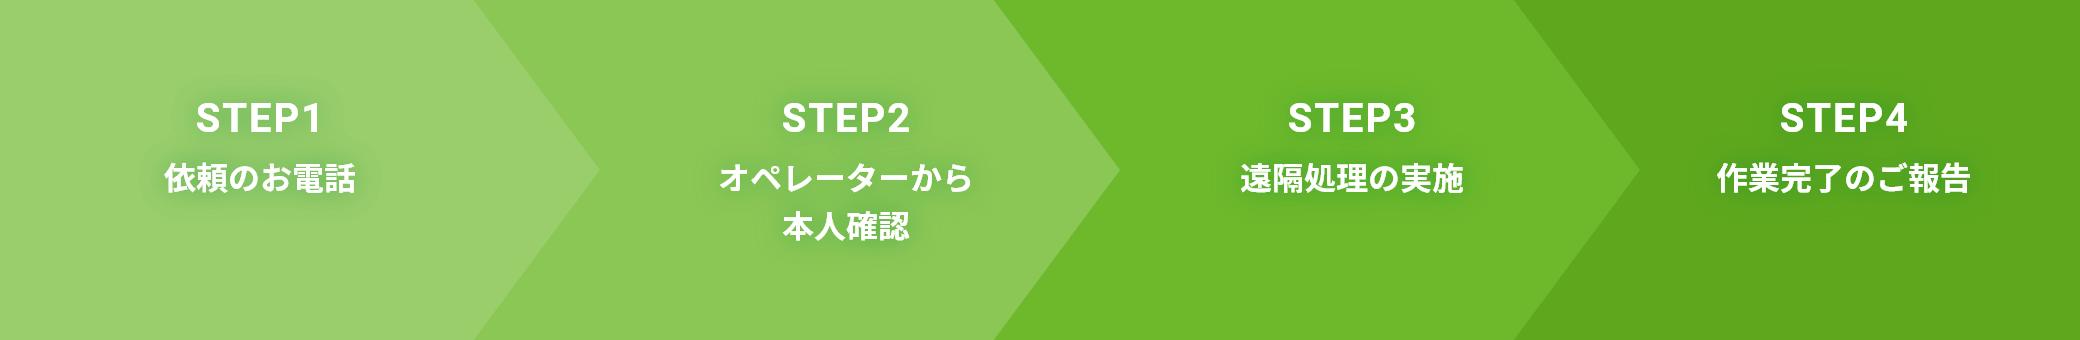 STEP1:依頼のお電話→STEP2:オペレーターから本人確認→STEP3:遠隔処理の実施→STEP4:作業完了のご報告